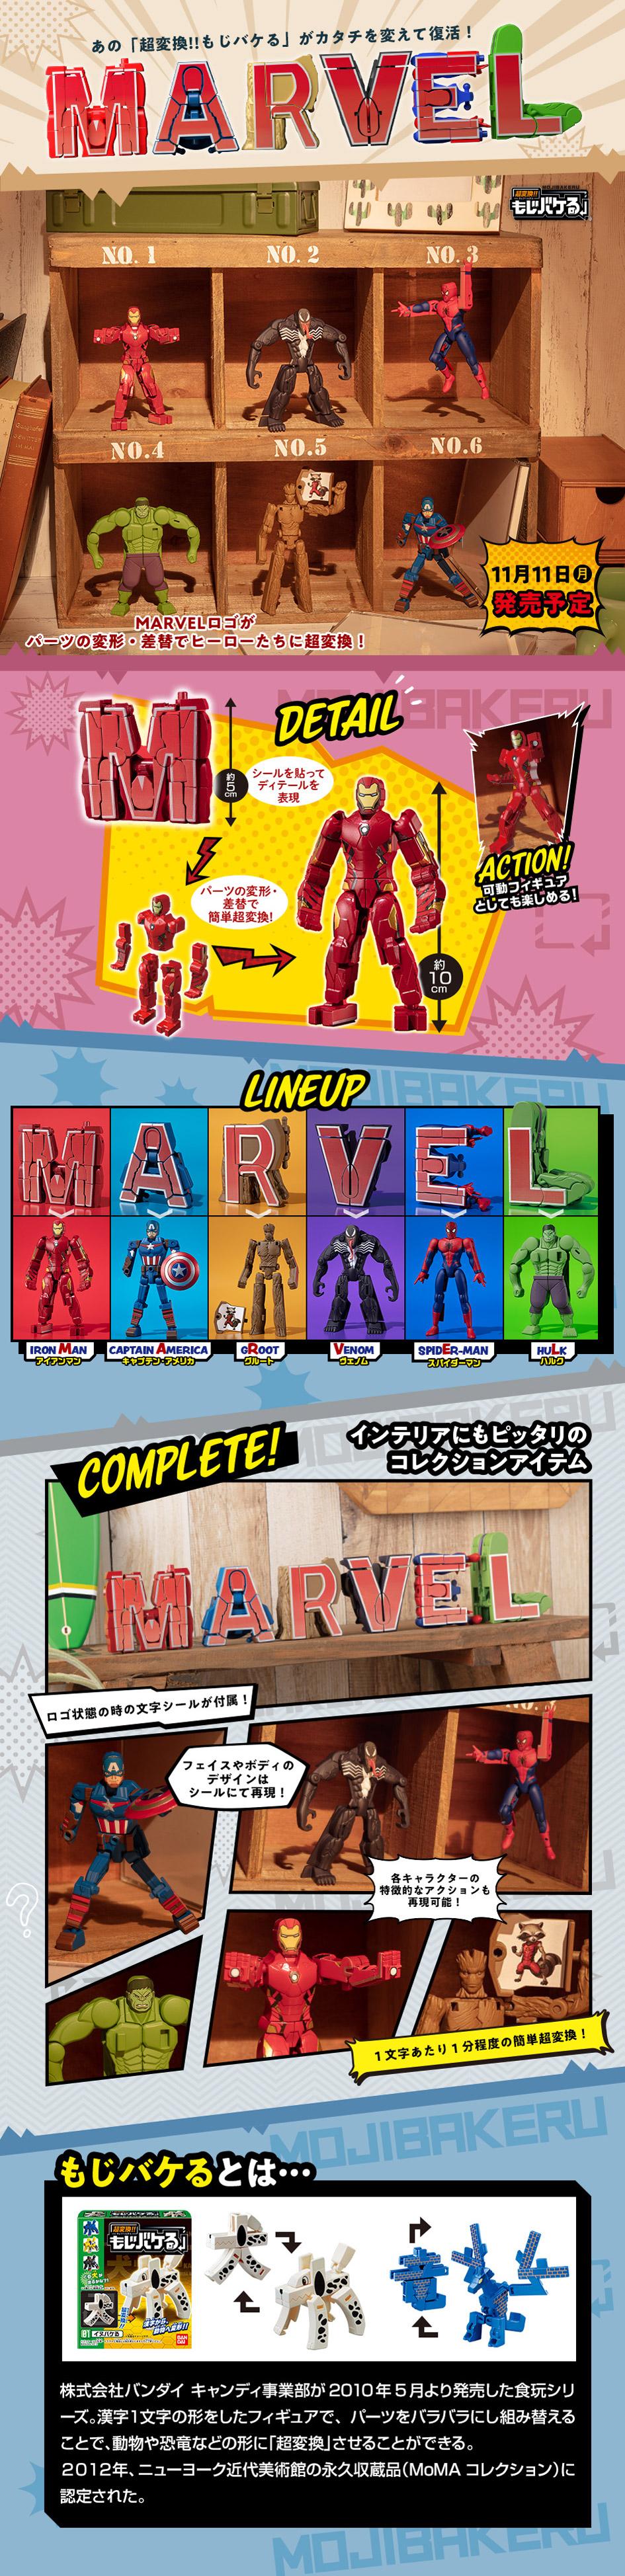 超変換!!もじバケる MARVEL Complete Box